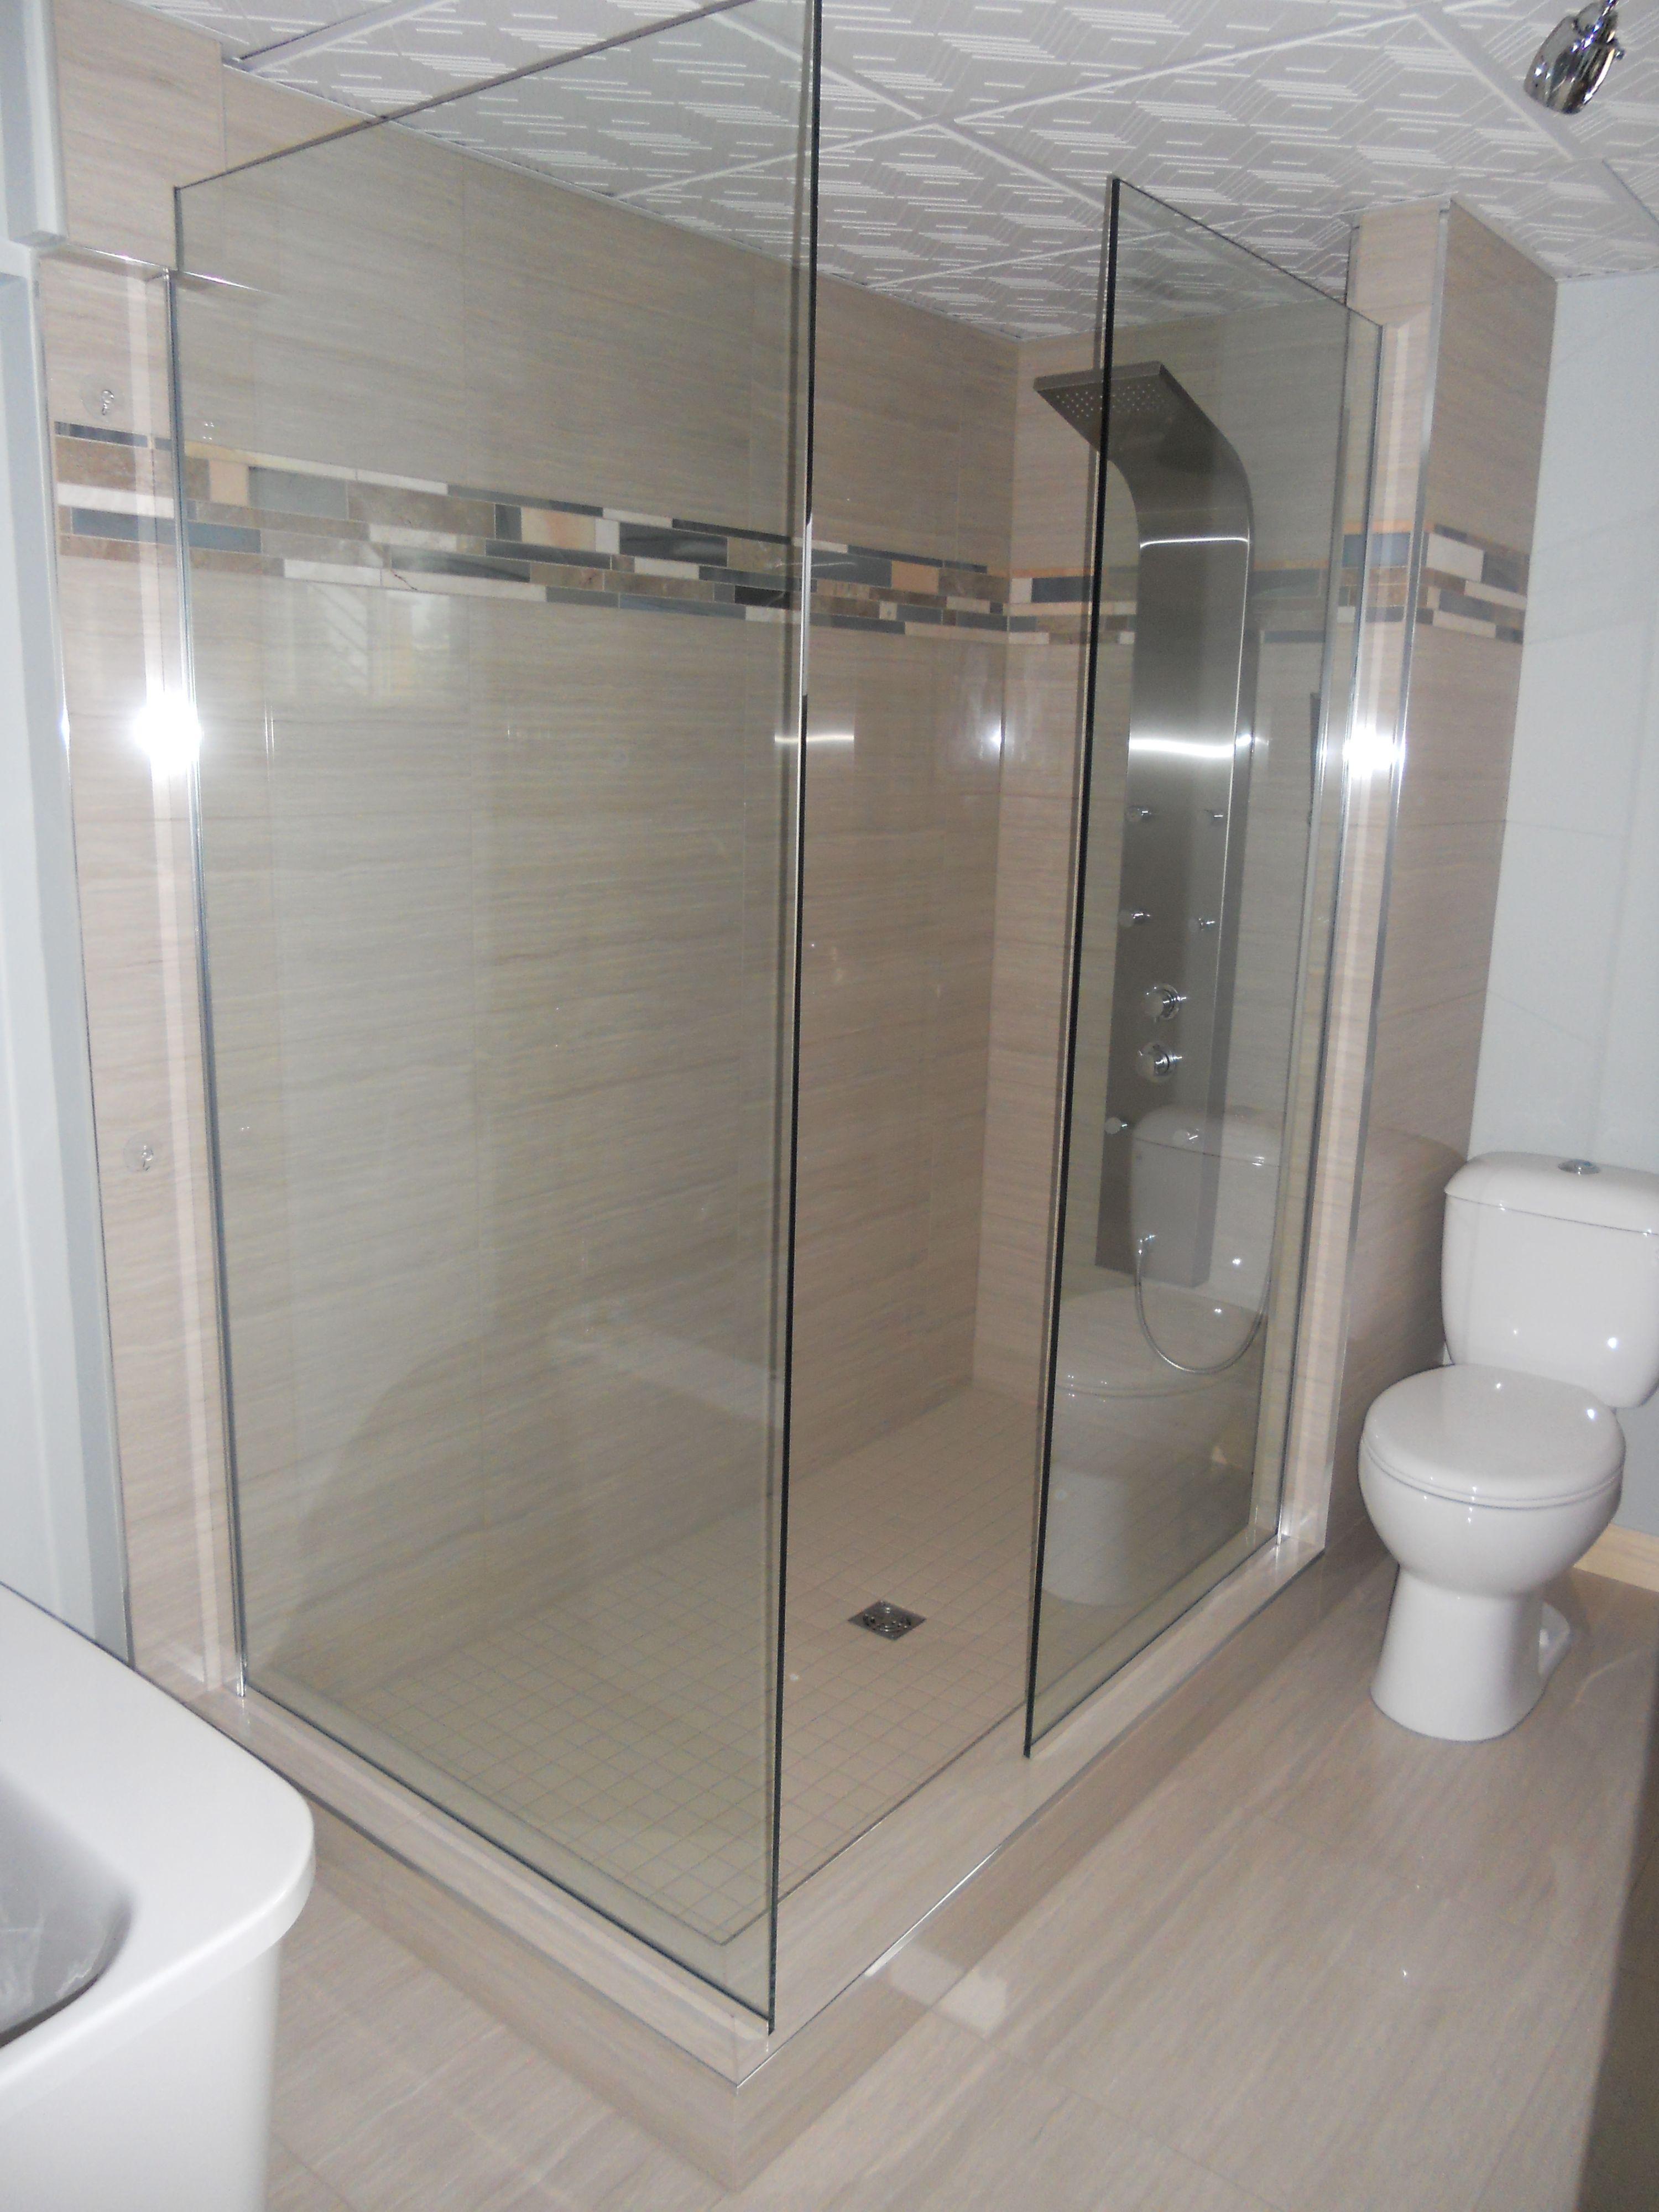 0101 amnagement salle de bains douche walk in cramique et verre cramique - Salle De Bain Sur Plancher